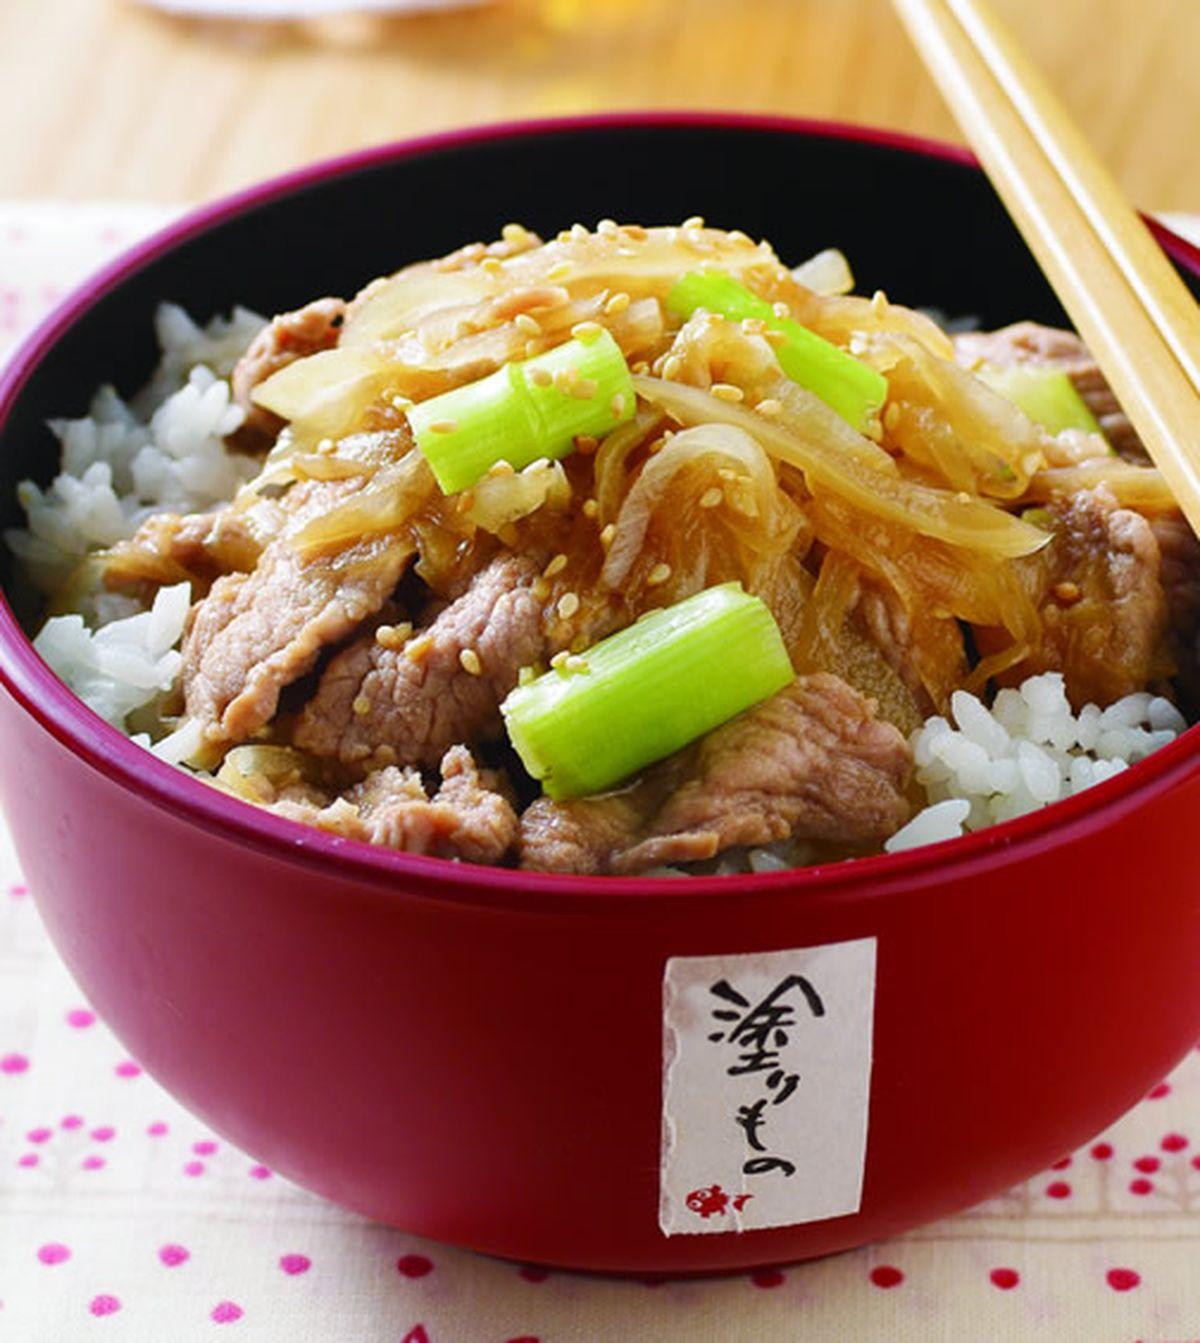 食譜:日式洋蔥燒肉蓋飯